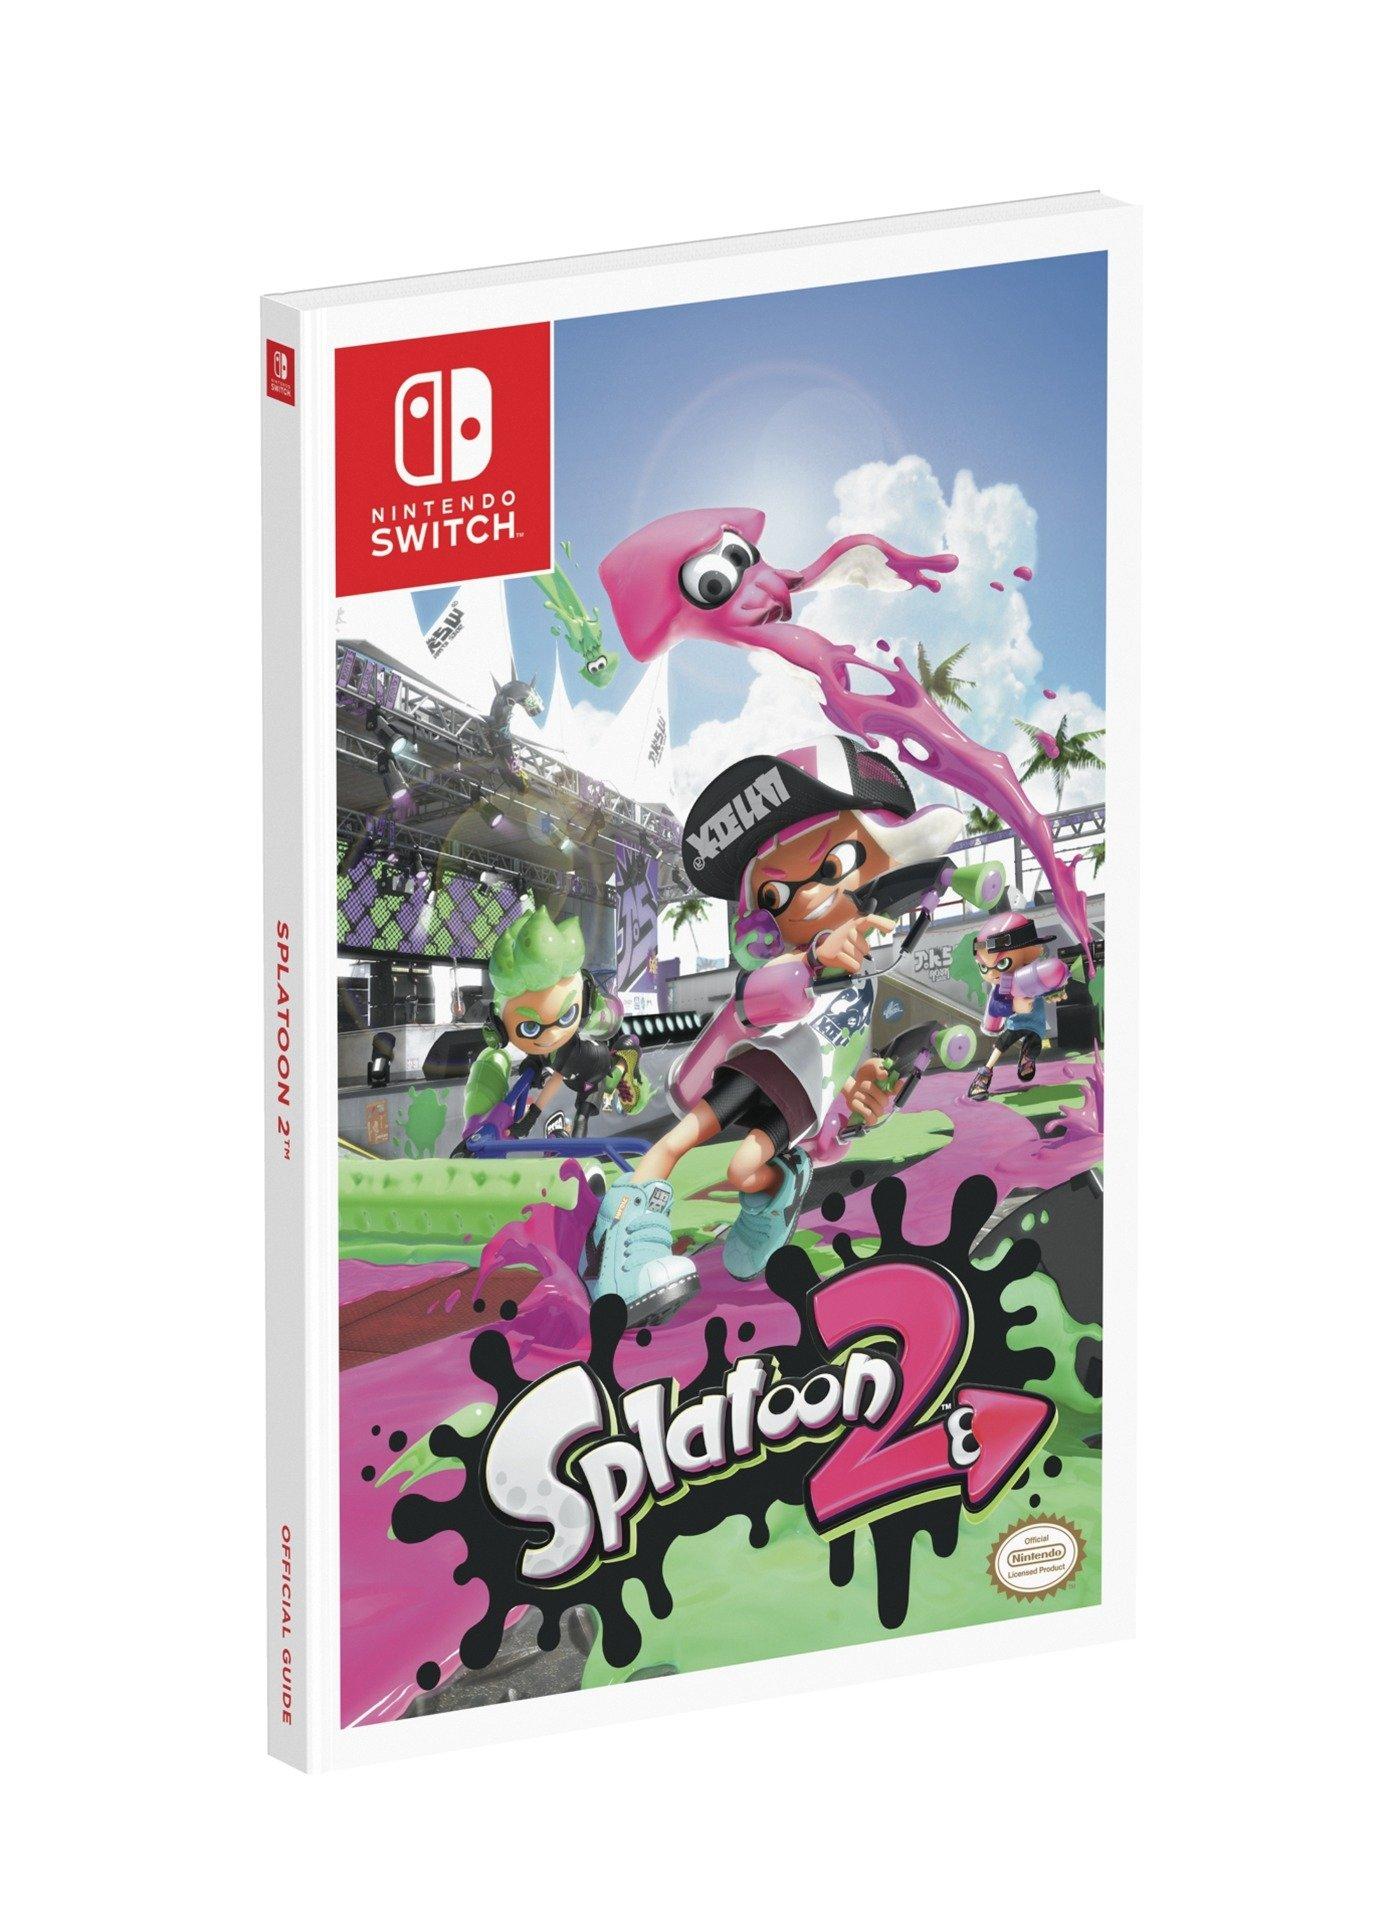 Splatoon 2 (Collectors Guide) [Idioma Inglés]: Amazon.es: Prima Games: Libros en idiomas extranjeros